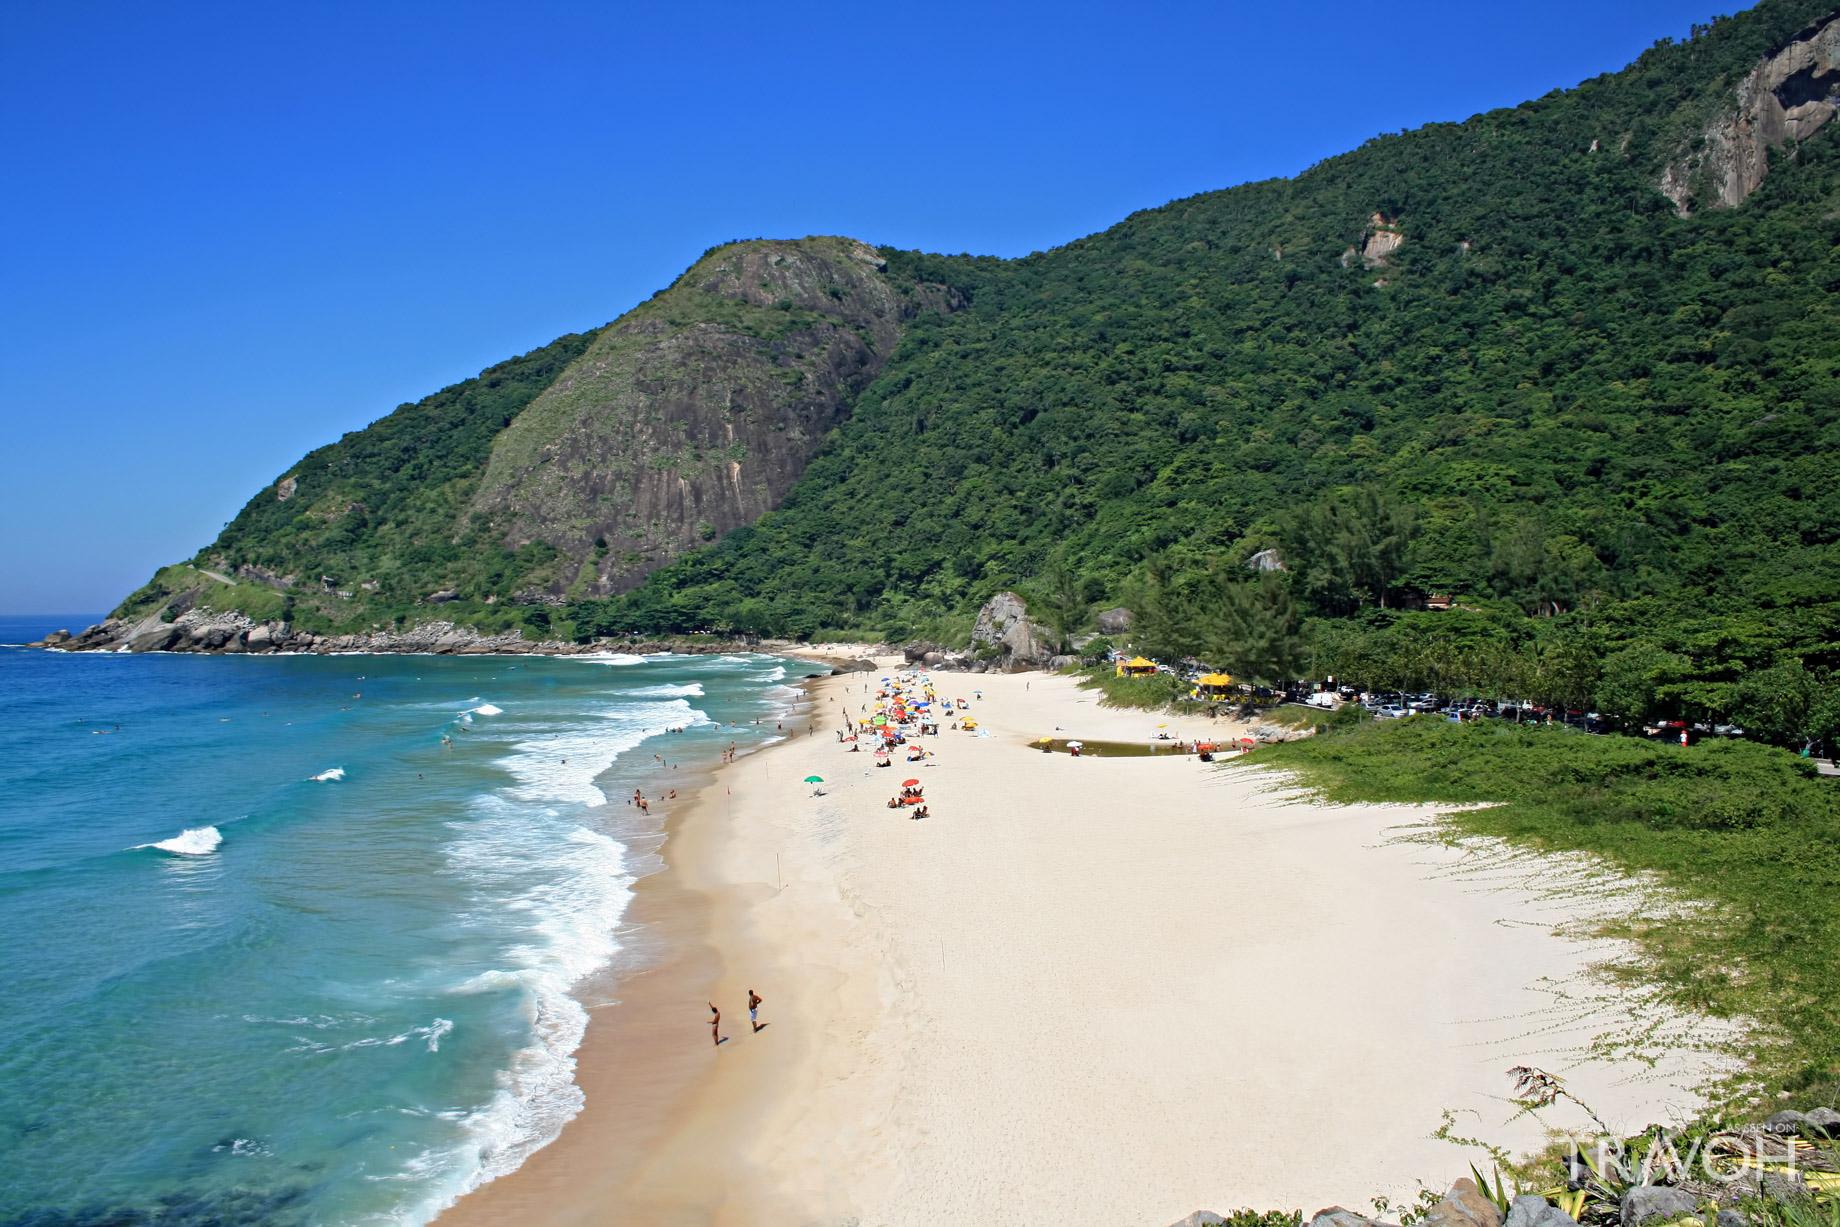 Prainha Beach - Exploring 10 of the Top Beaches in Rio de Janeiro, Brazil